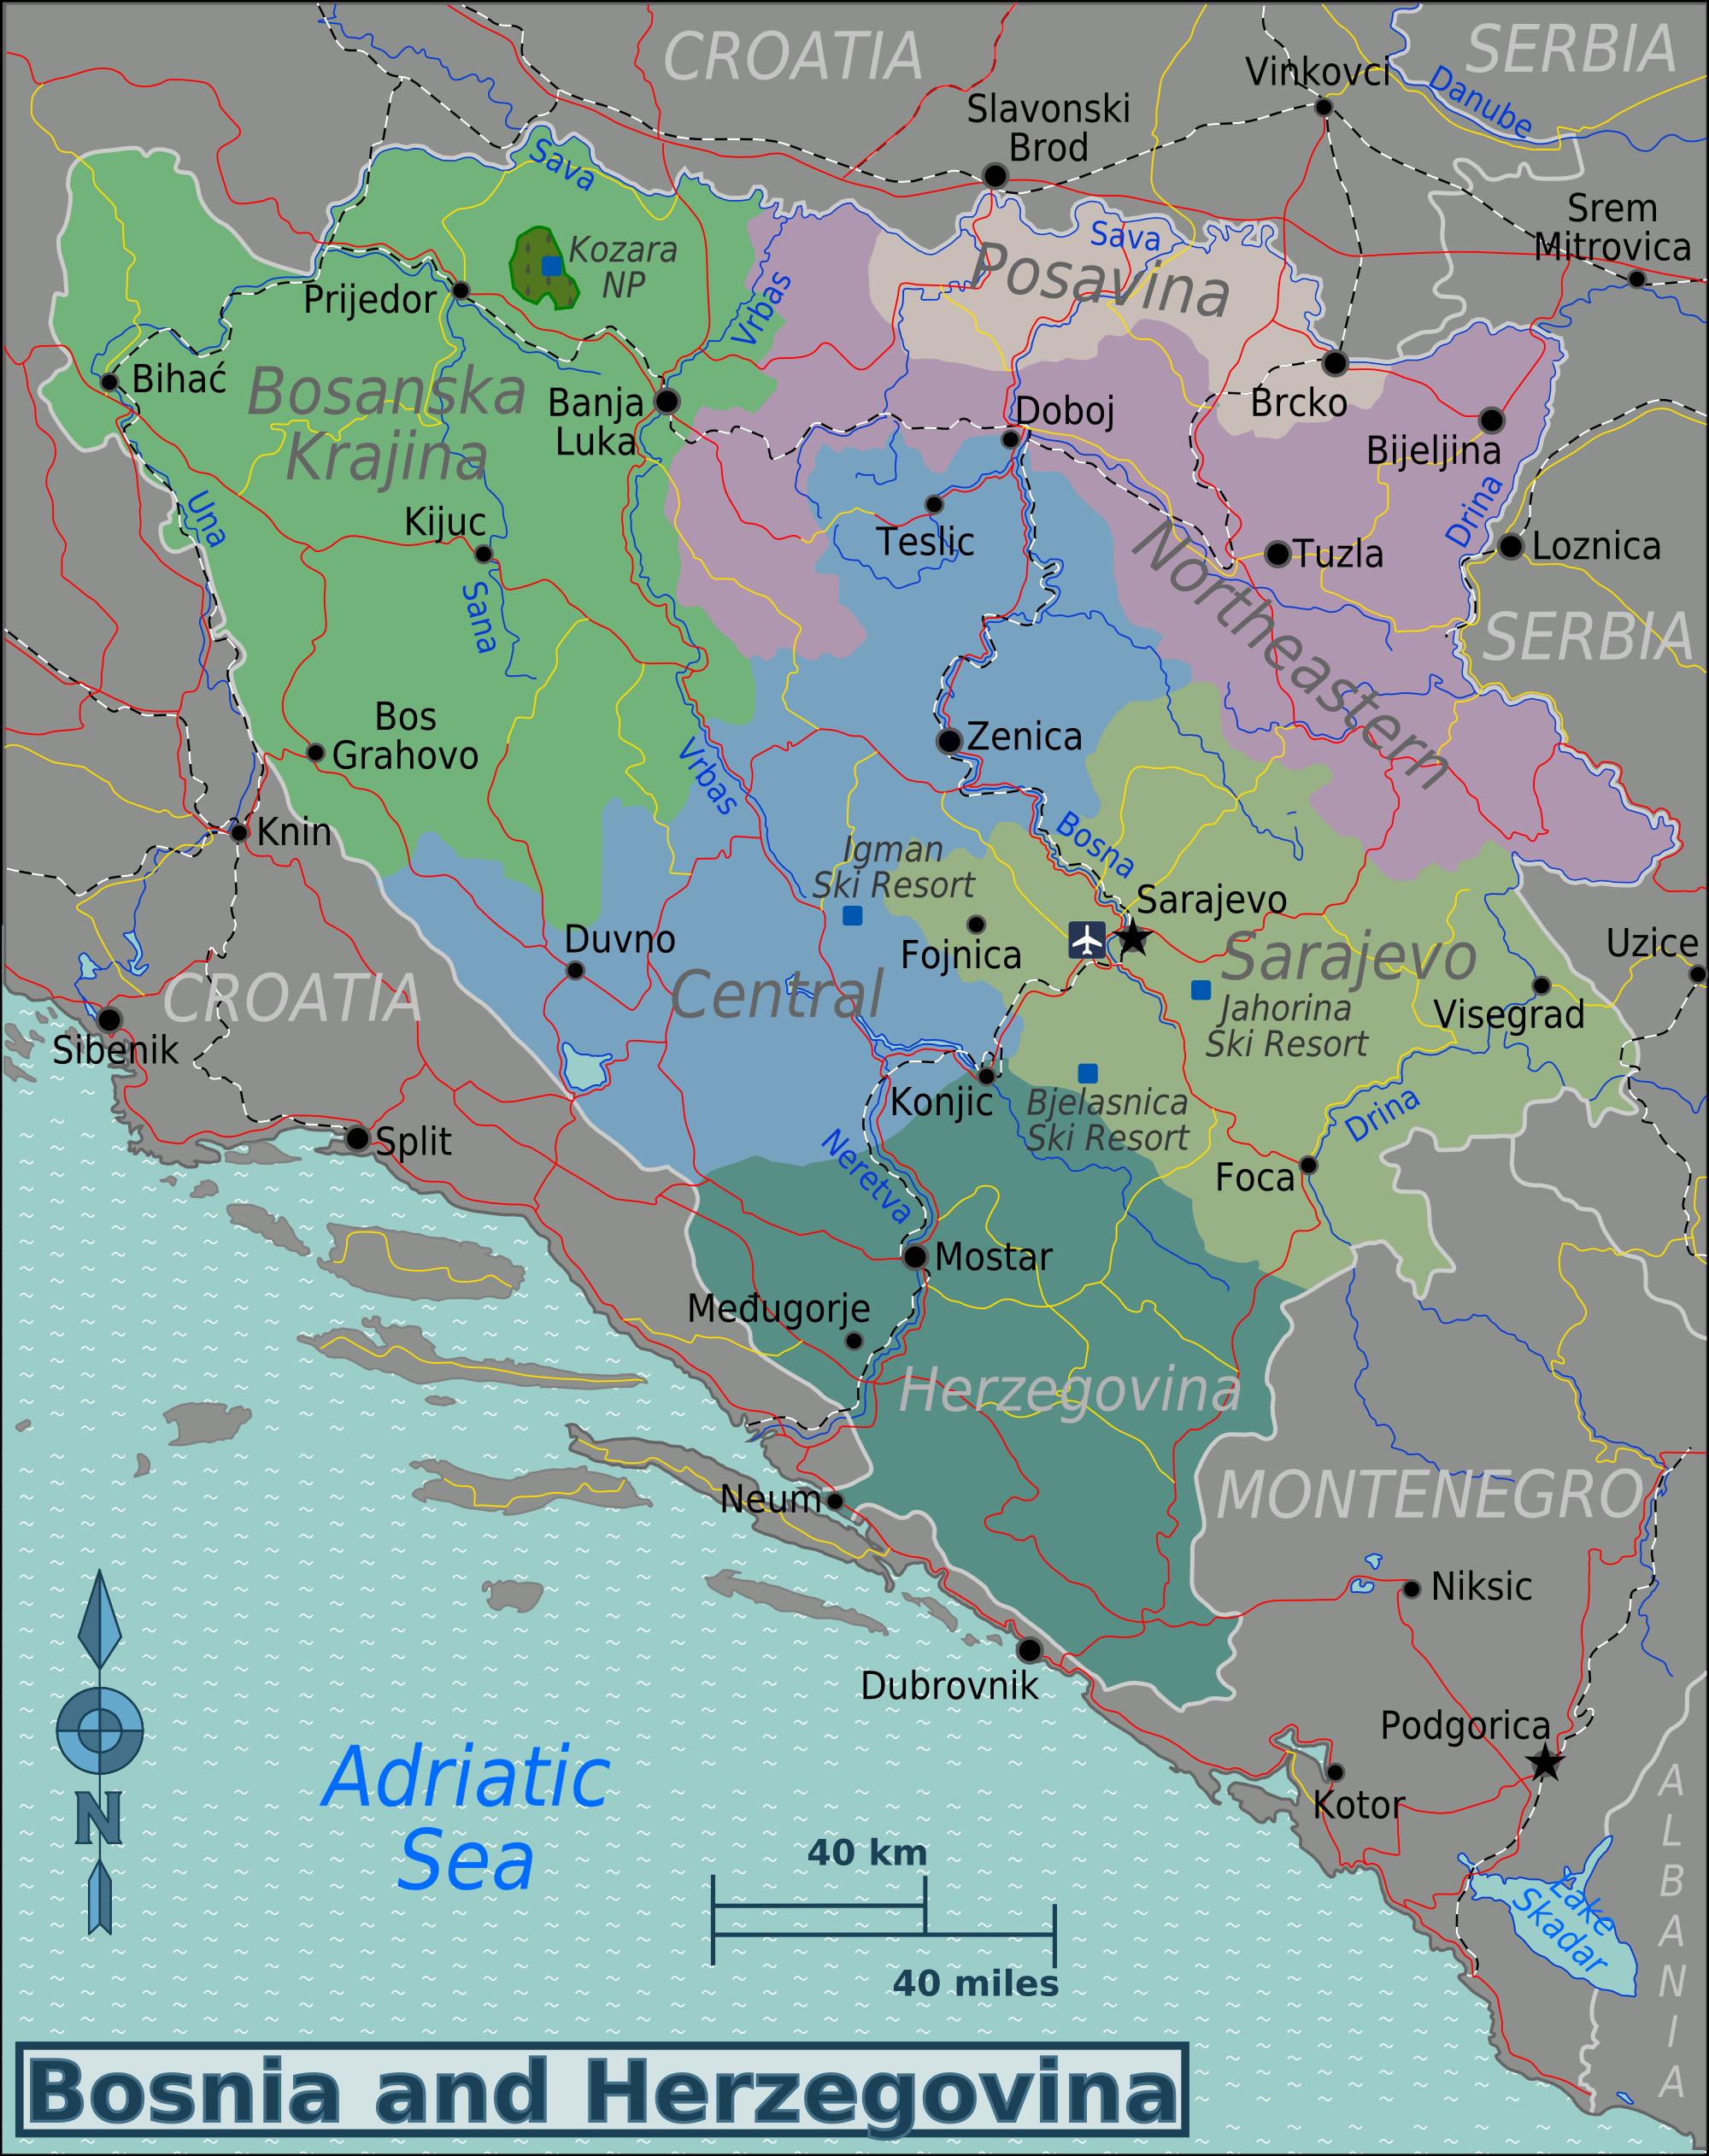 bosnien karte Landkarte Bosnien Herzegowina (Karte Regionen) : Weltkarte.